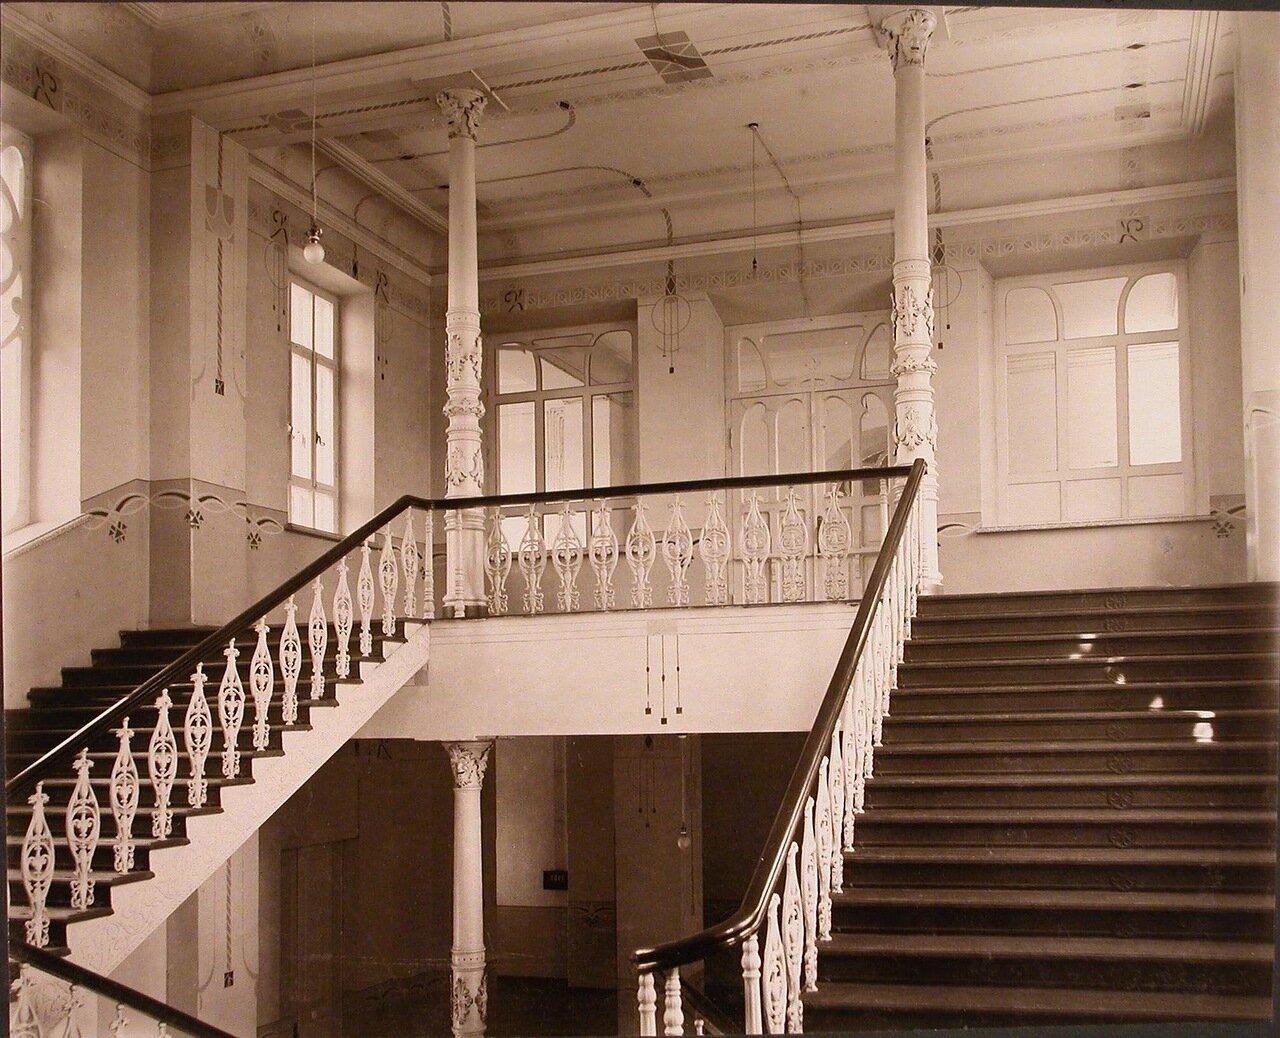 09. Вид лестницы, ведущей на 3-й этаж института